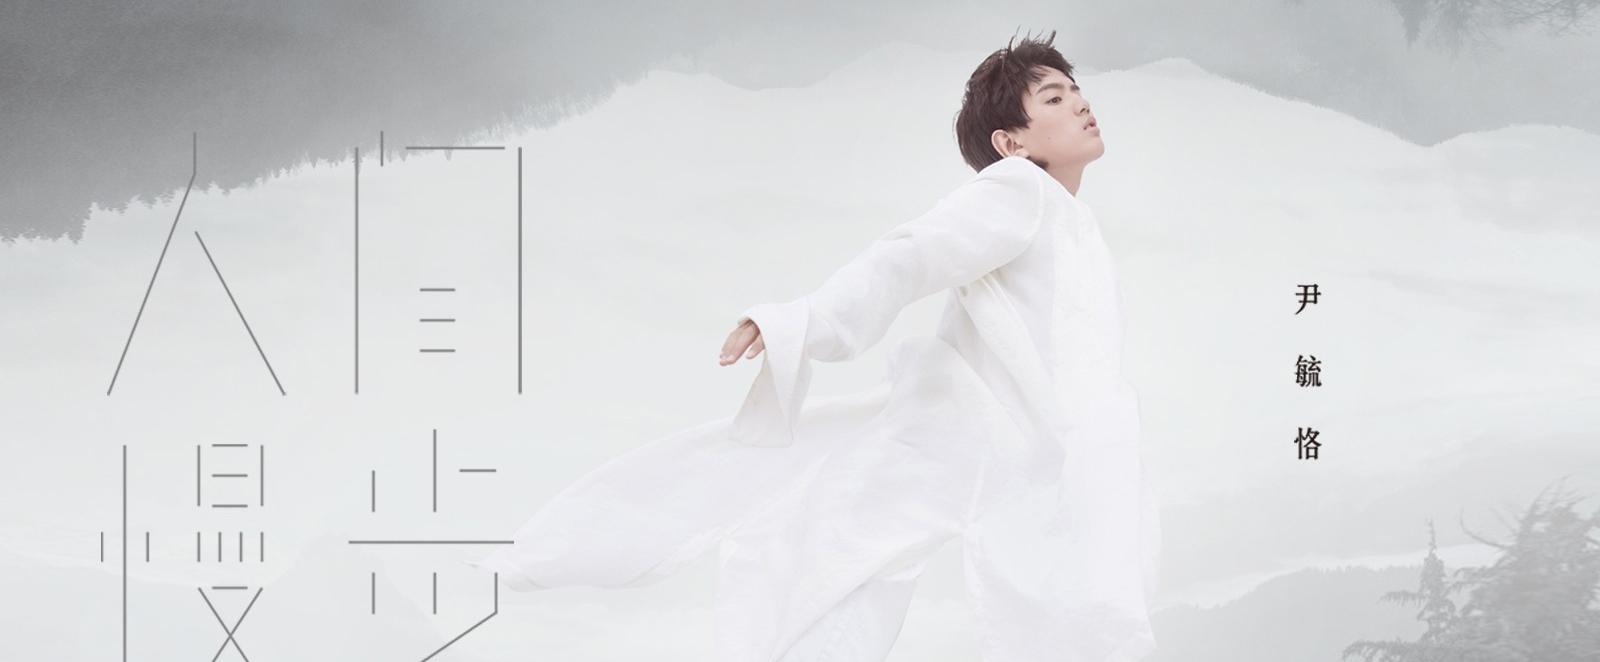 尹毓恪全新单曲《人间慢步》近日推出